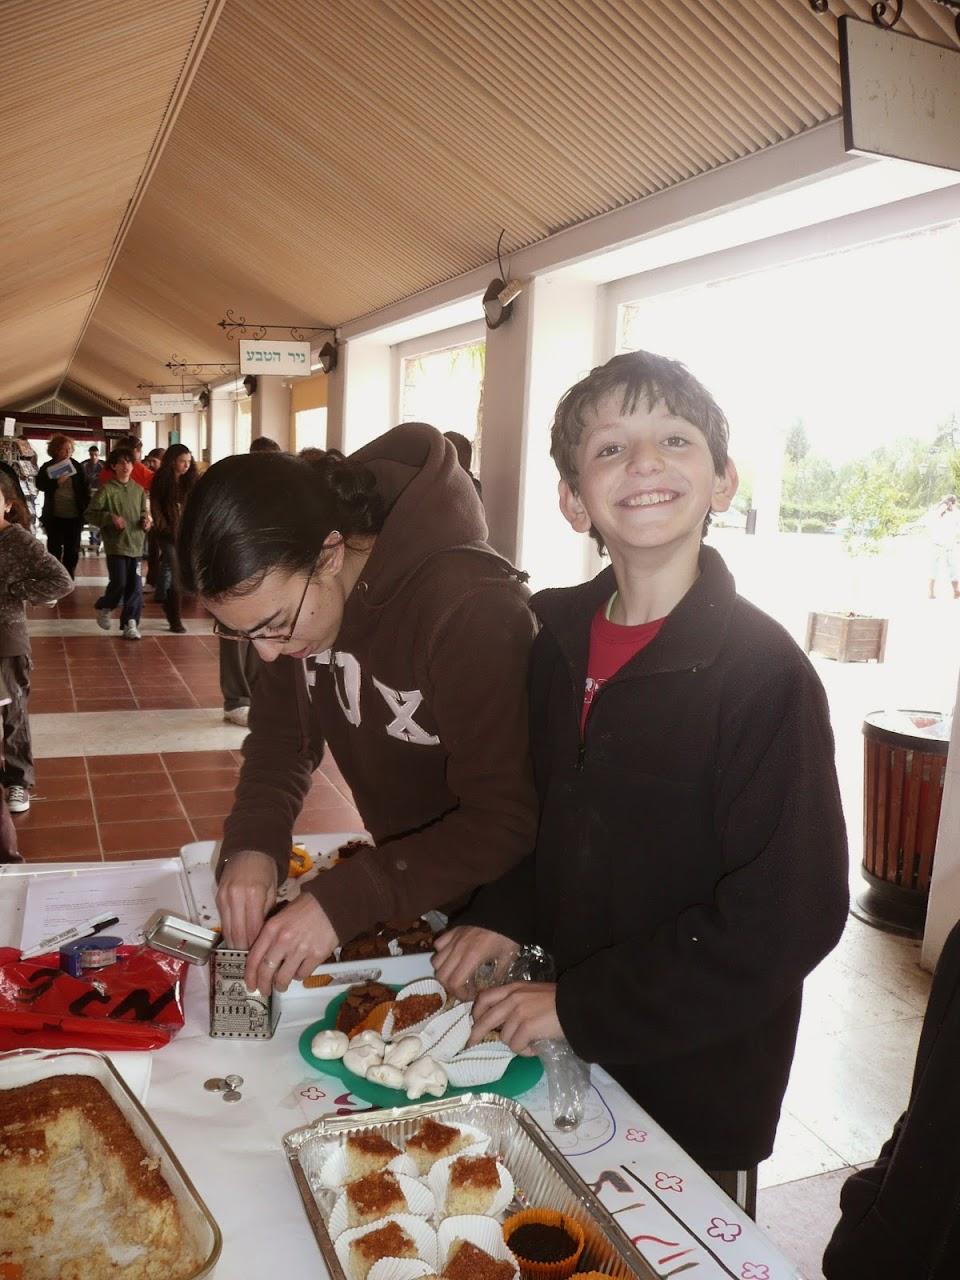 Kamkha DePaskha sale, 2009  - 2009-03-27 12.17.18-1.jpg